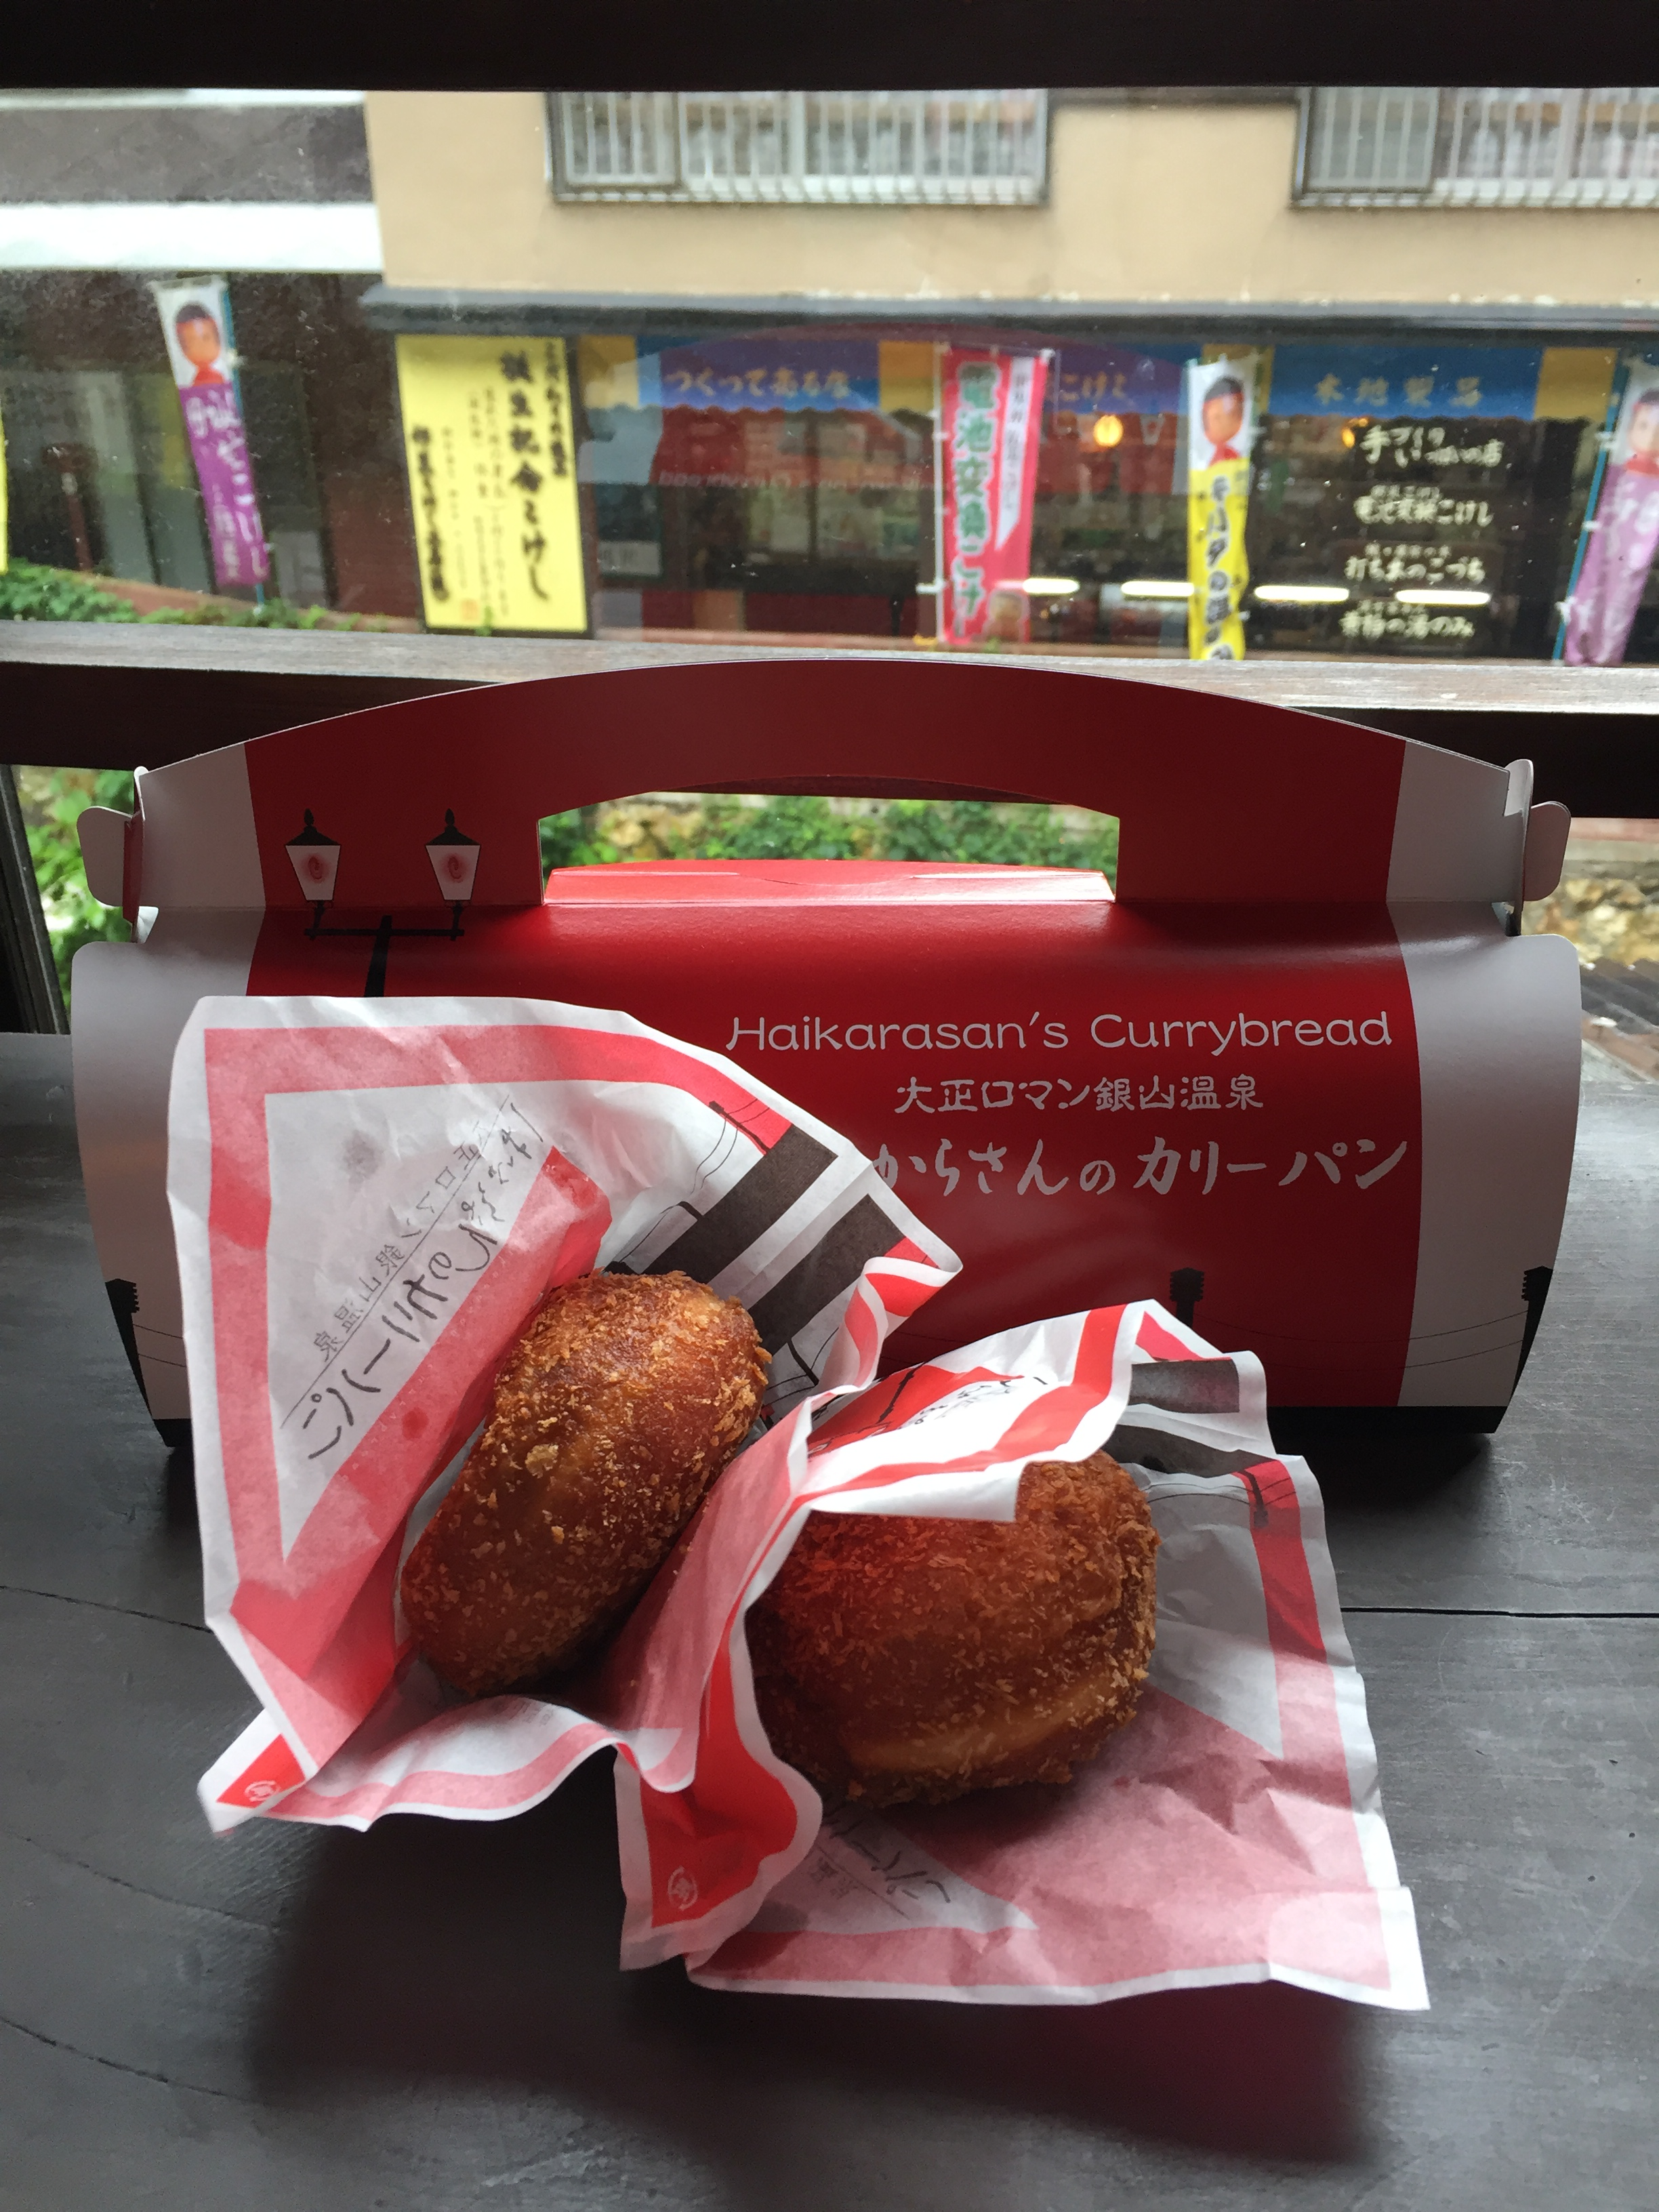 銀山温泉散策時の食べ歩きにおすすめ!はいからさんのカリーパン(カレーパン)